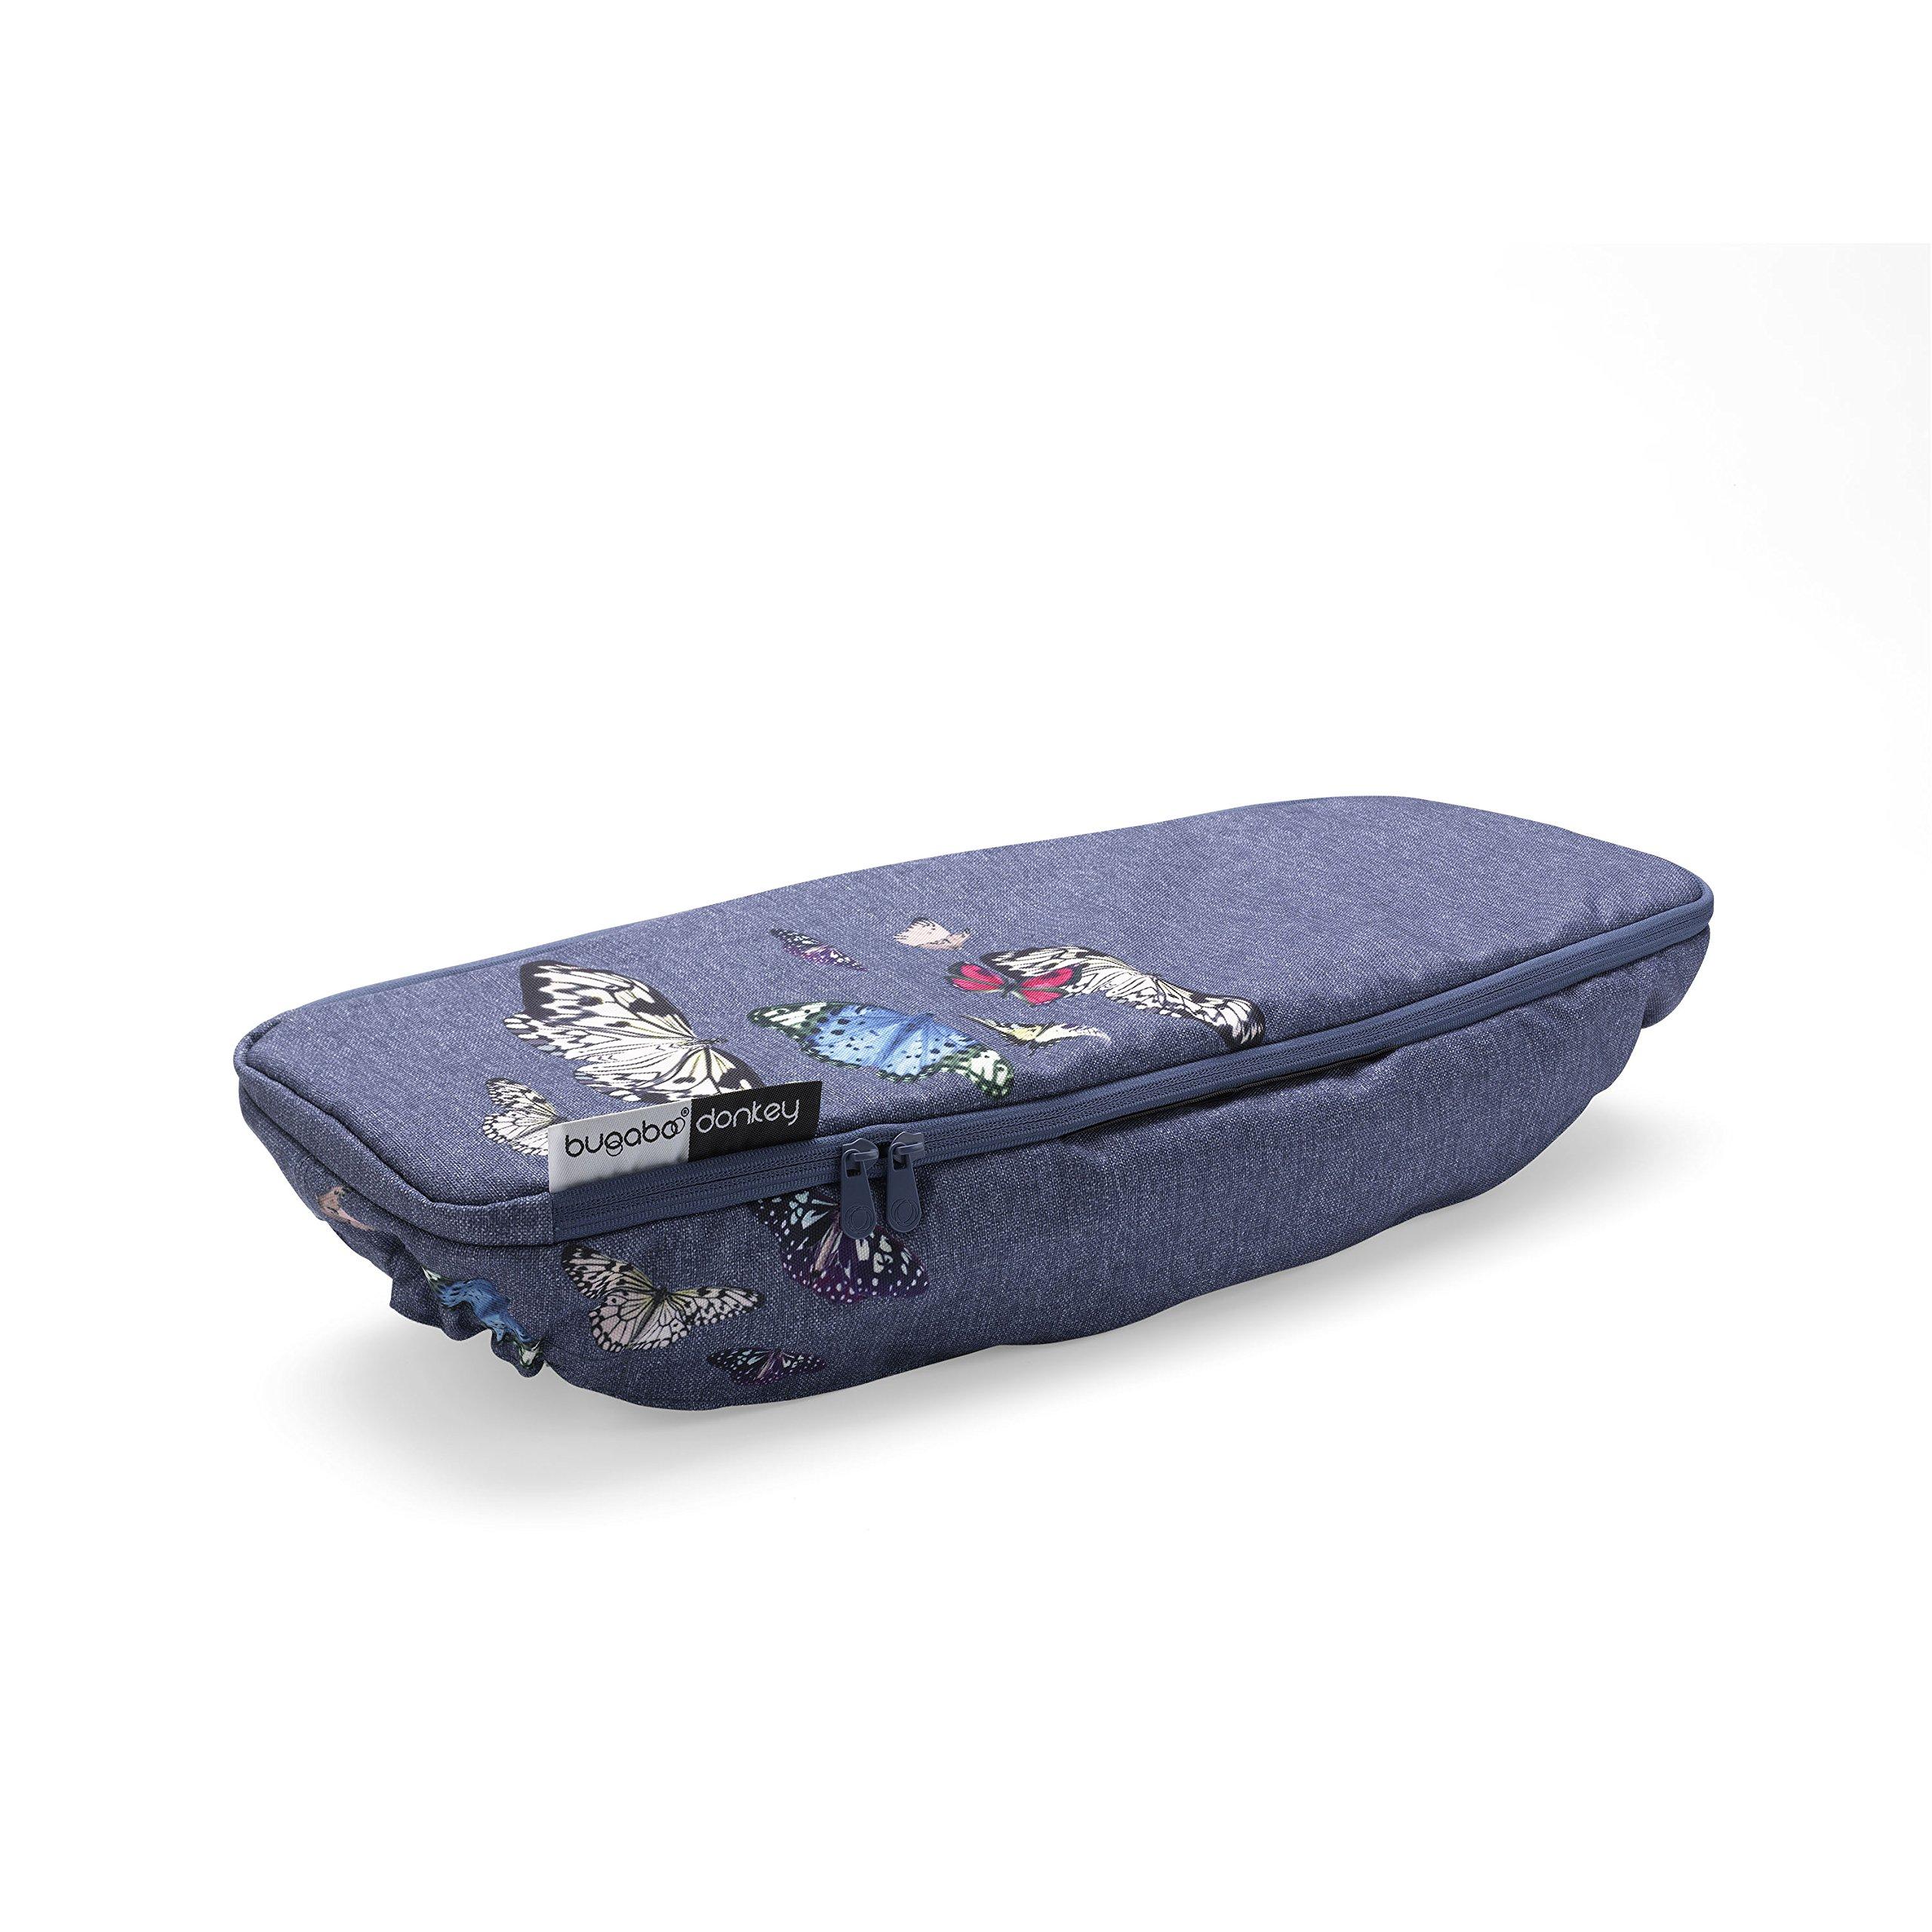 Bugaboo Donkey2 Side Luggage Basket Cover, Botanic